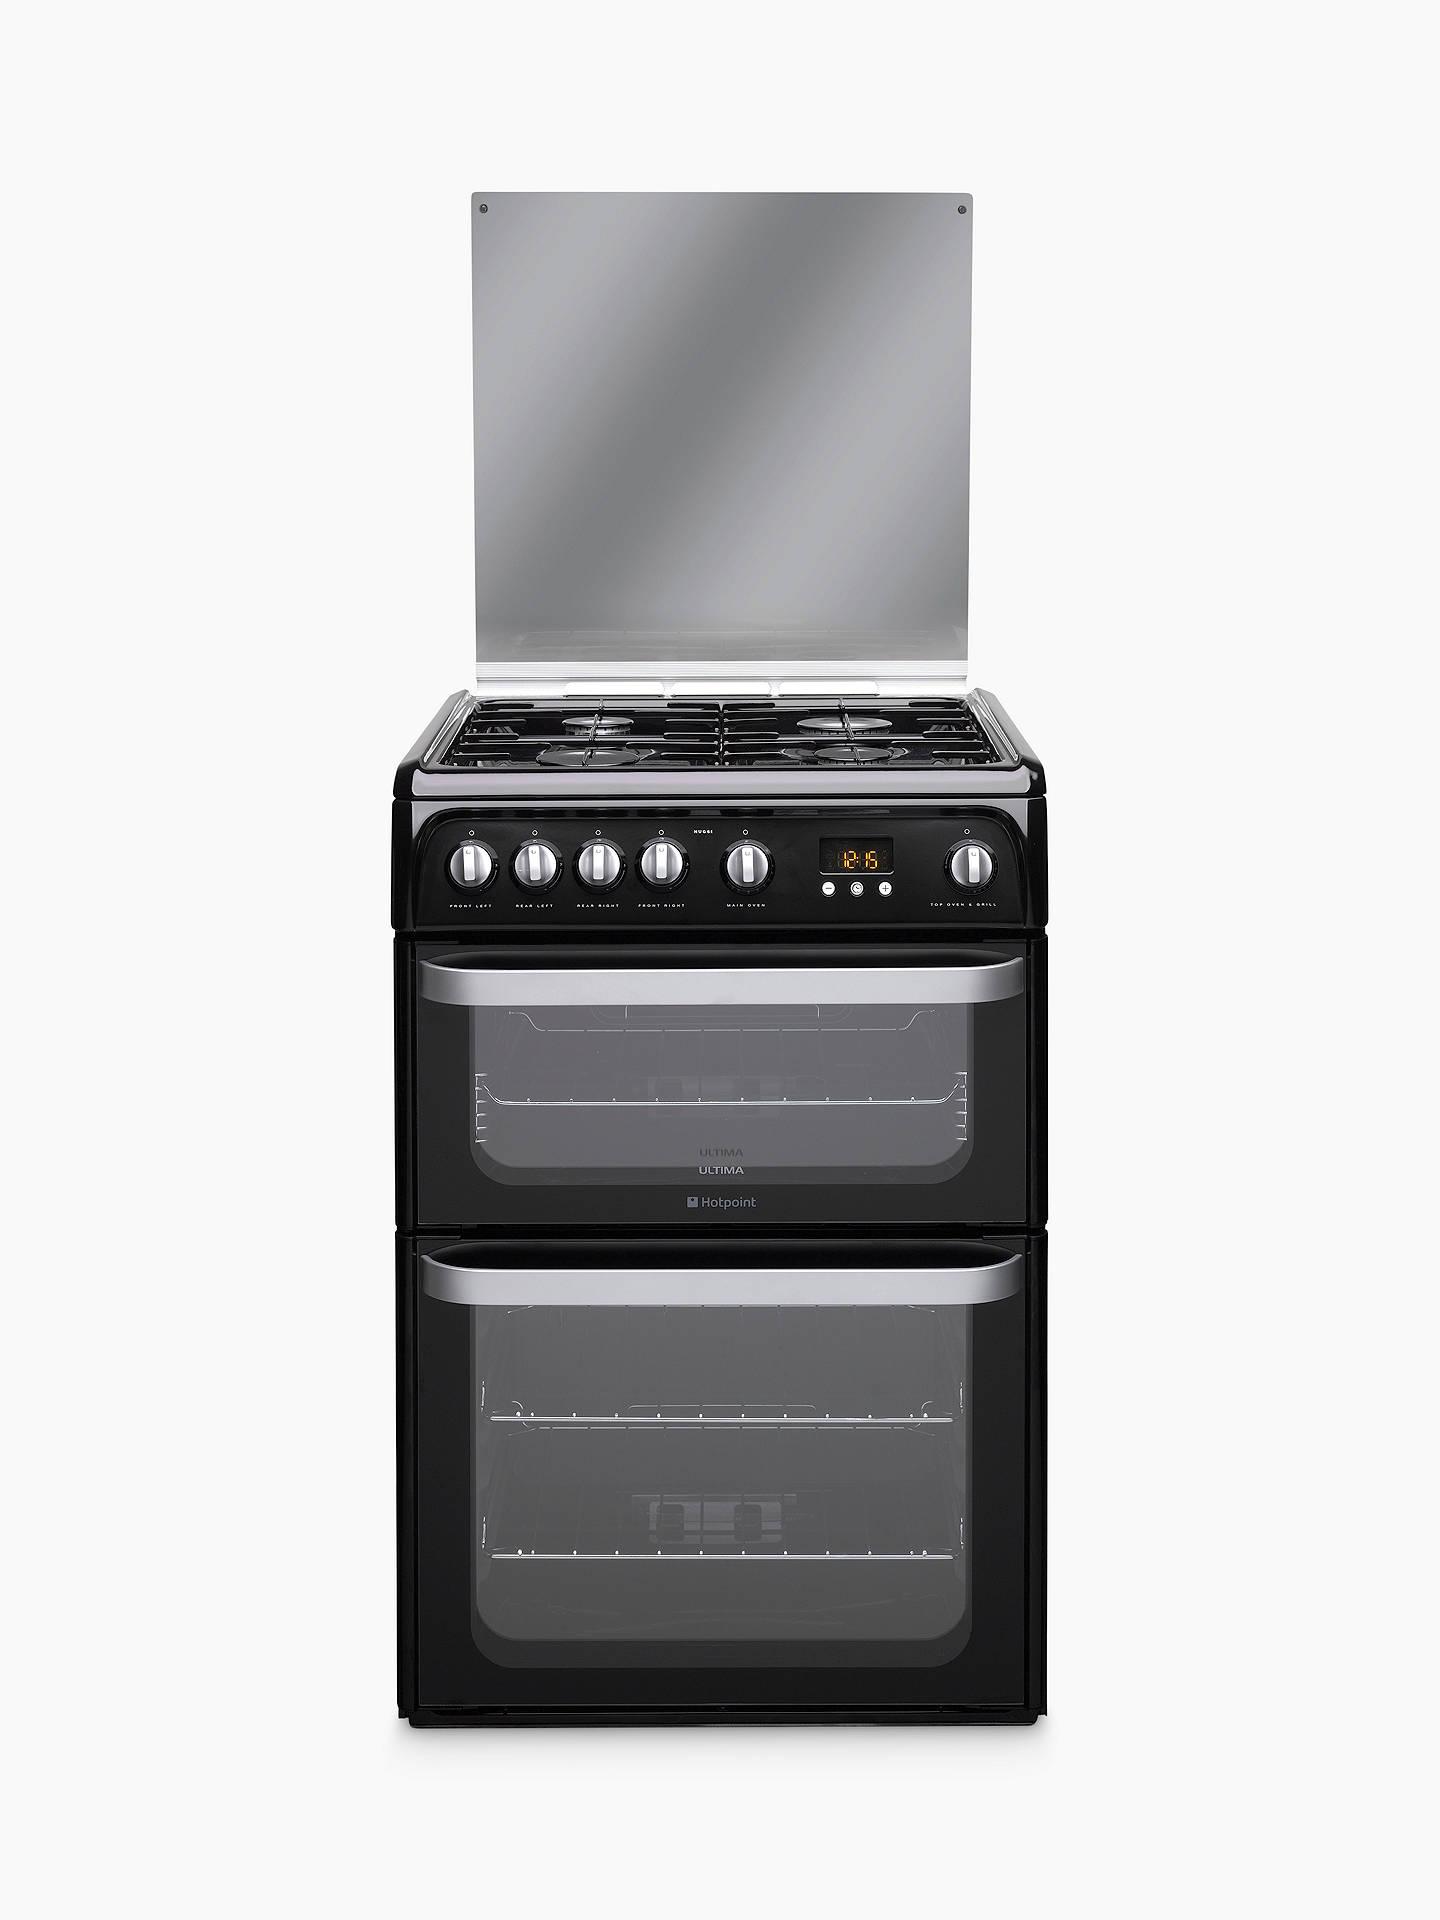 hotpoint hug61k gas cooker black at john lewis partners. Black Bedroom Furniture Sets. Home Design Ideas